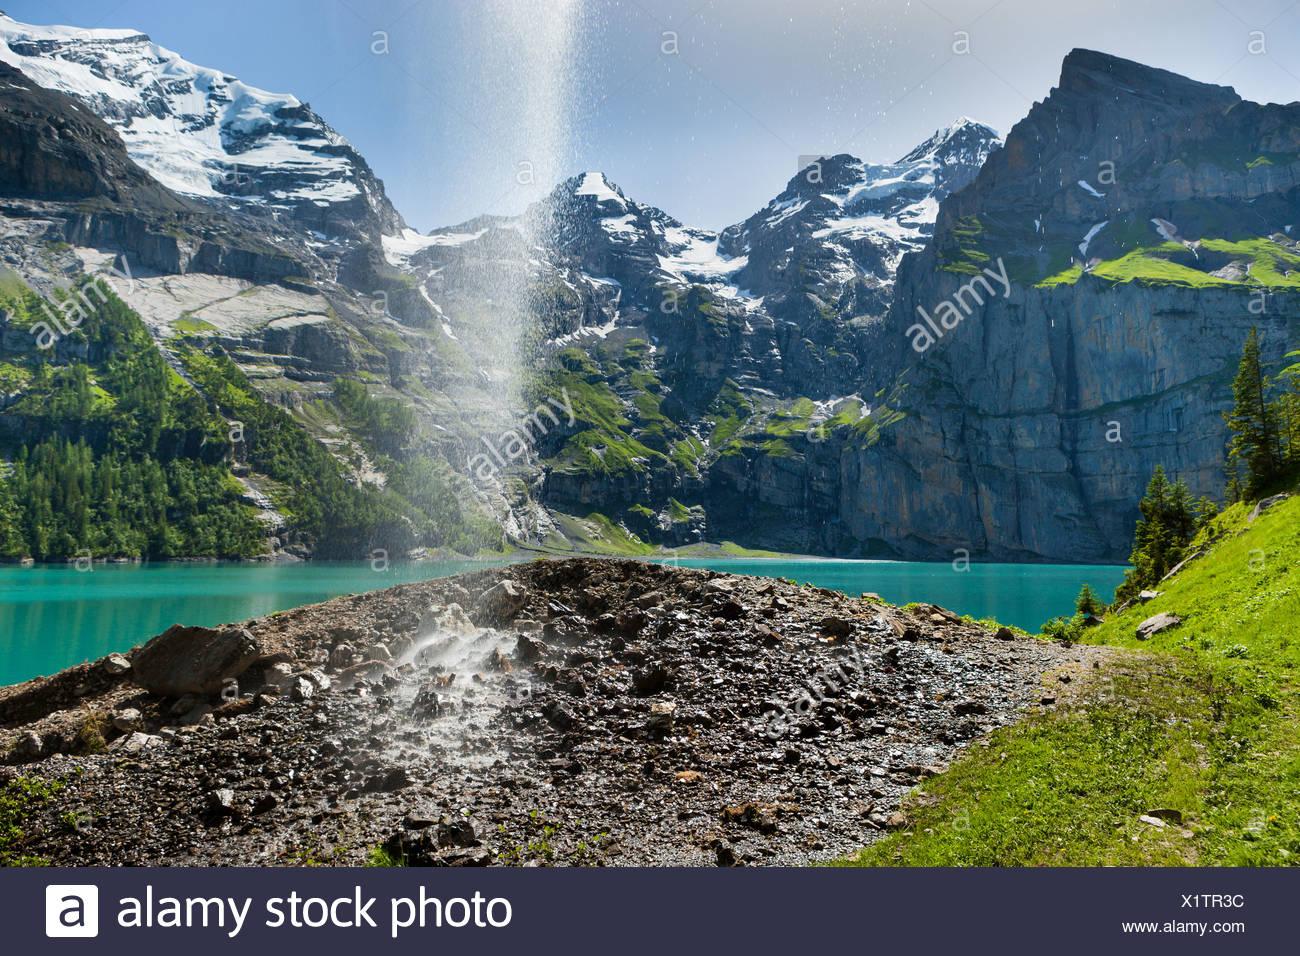 Lago, Lago Oeschinen, Suiza, Europa, cantón de Berna, en el Oberland Bernés Kandertal Kander, valle, montañas, lago de montaña, w Imagen De Stock